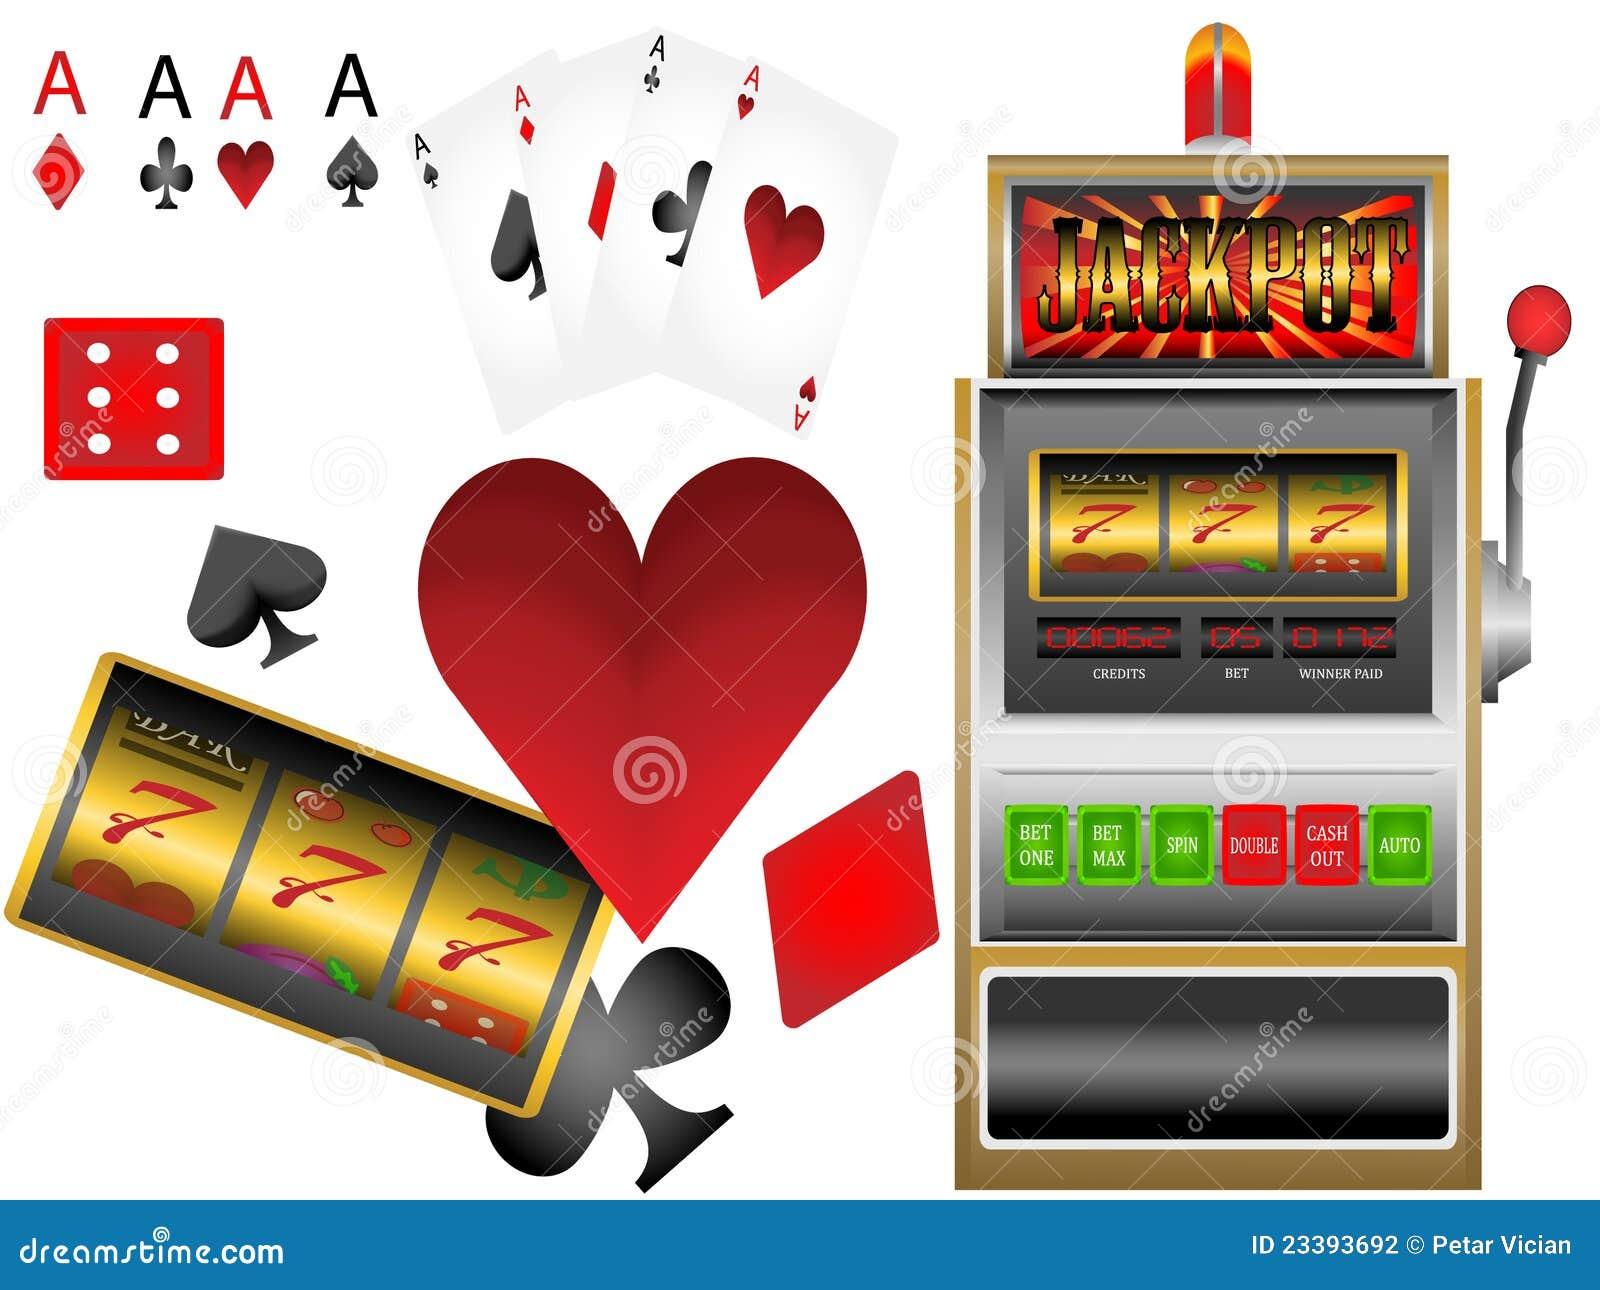 Dinero efectivo de casino 777 regalo-91020